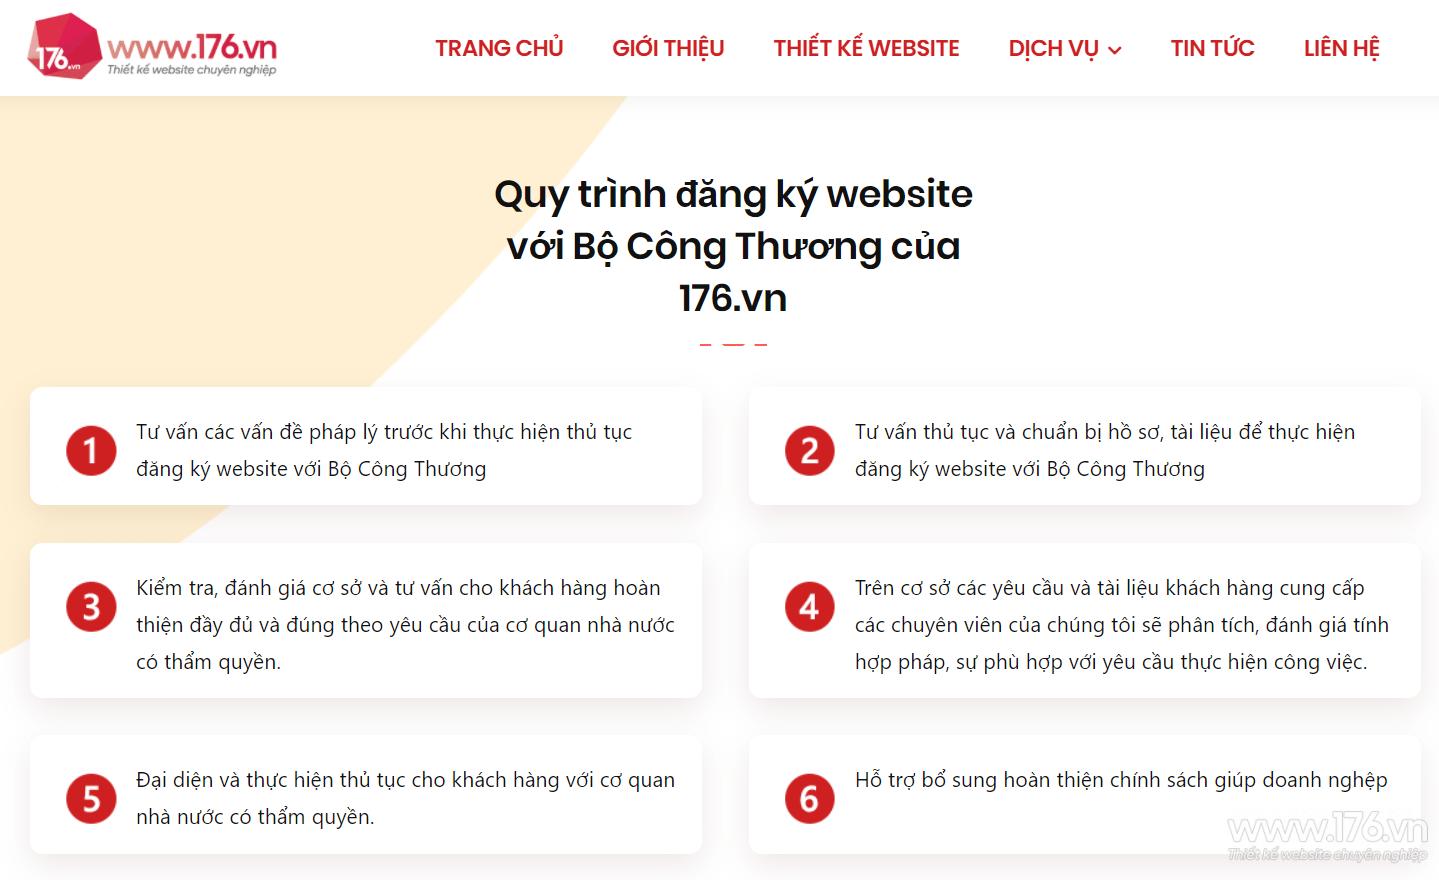 huong dan dang ky website len bo cong thuong